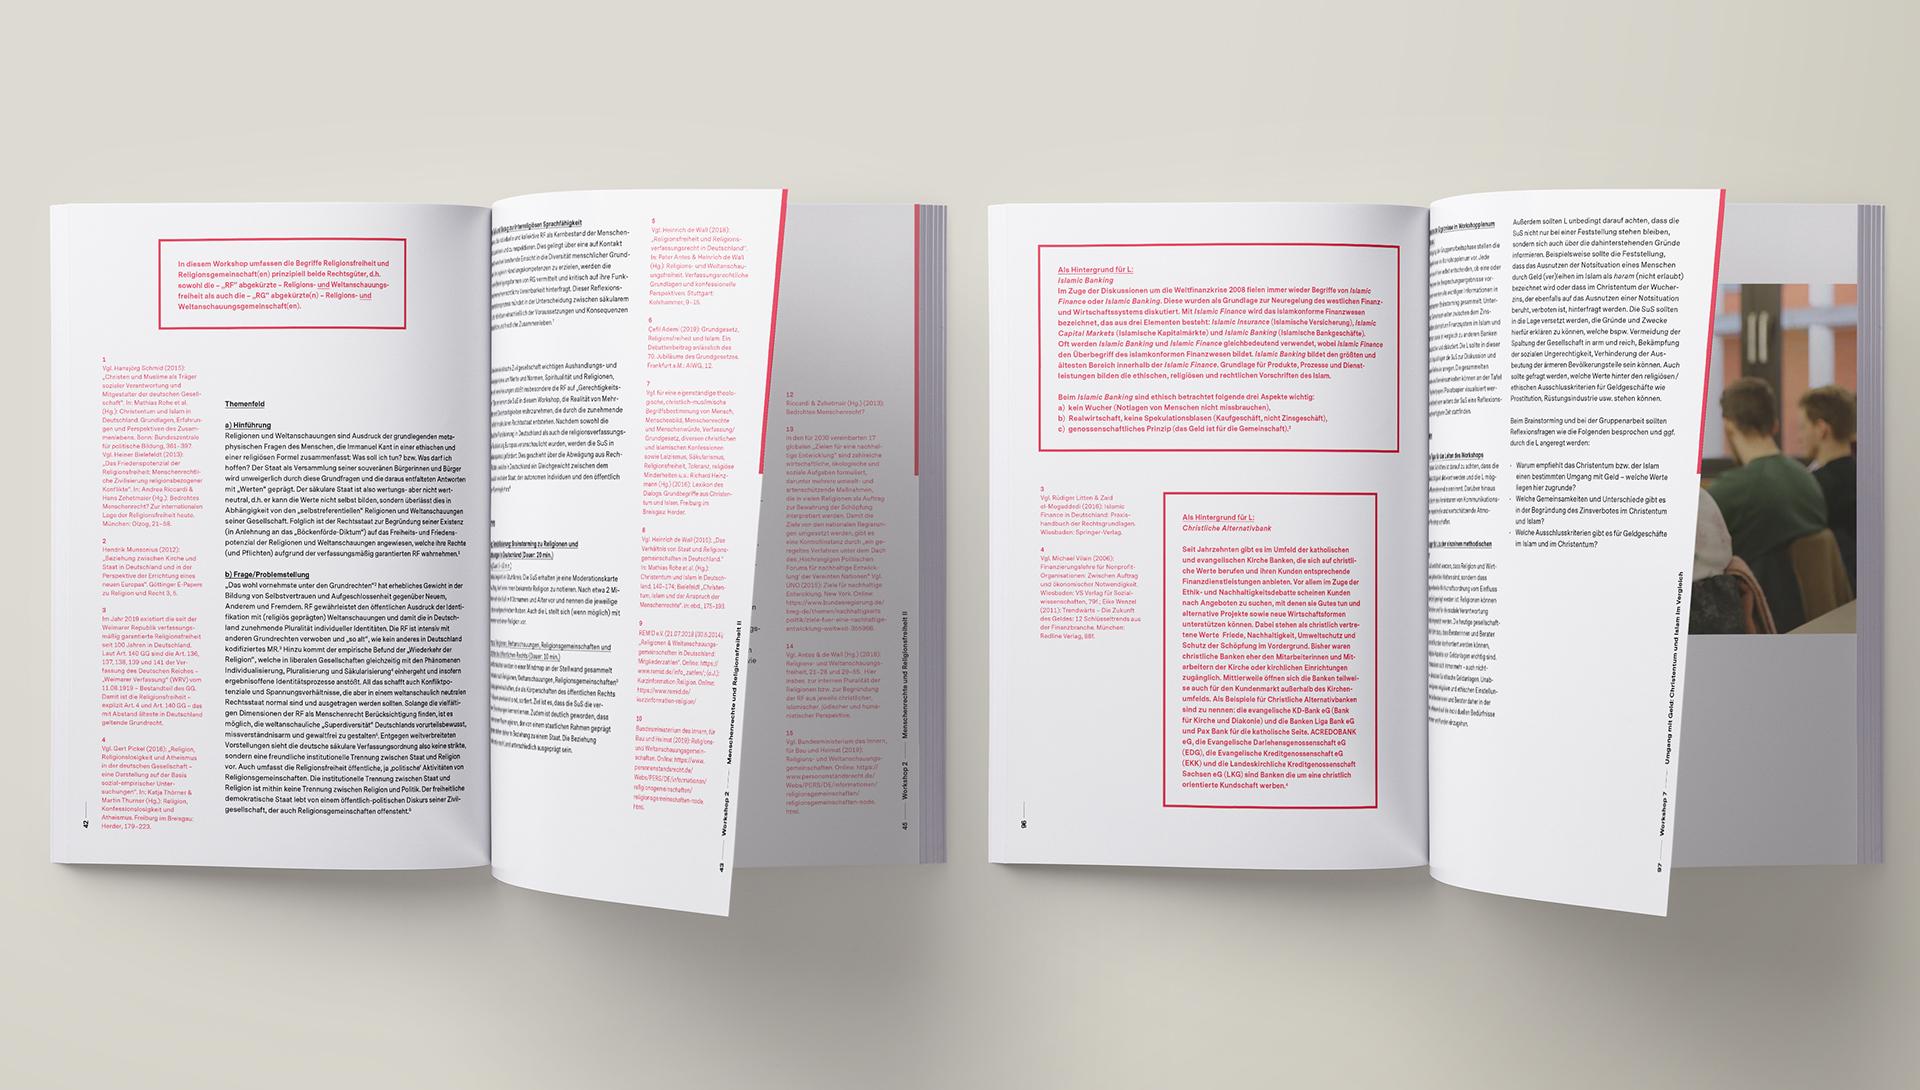 Broschüre mit Print- und Editorial Design der Designagentur das formt aus München